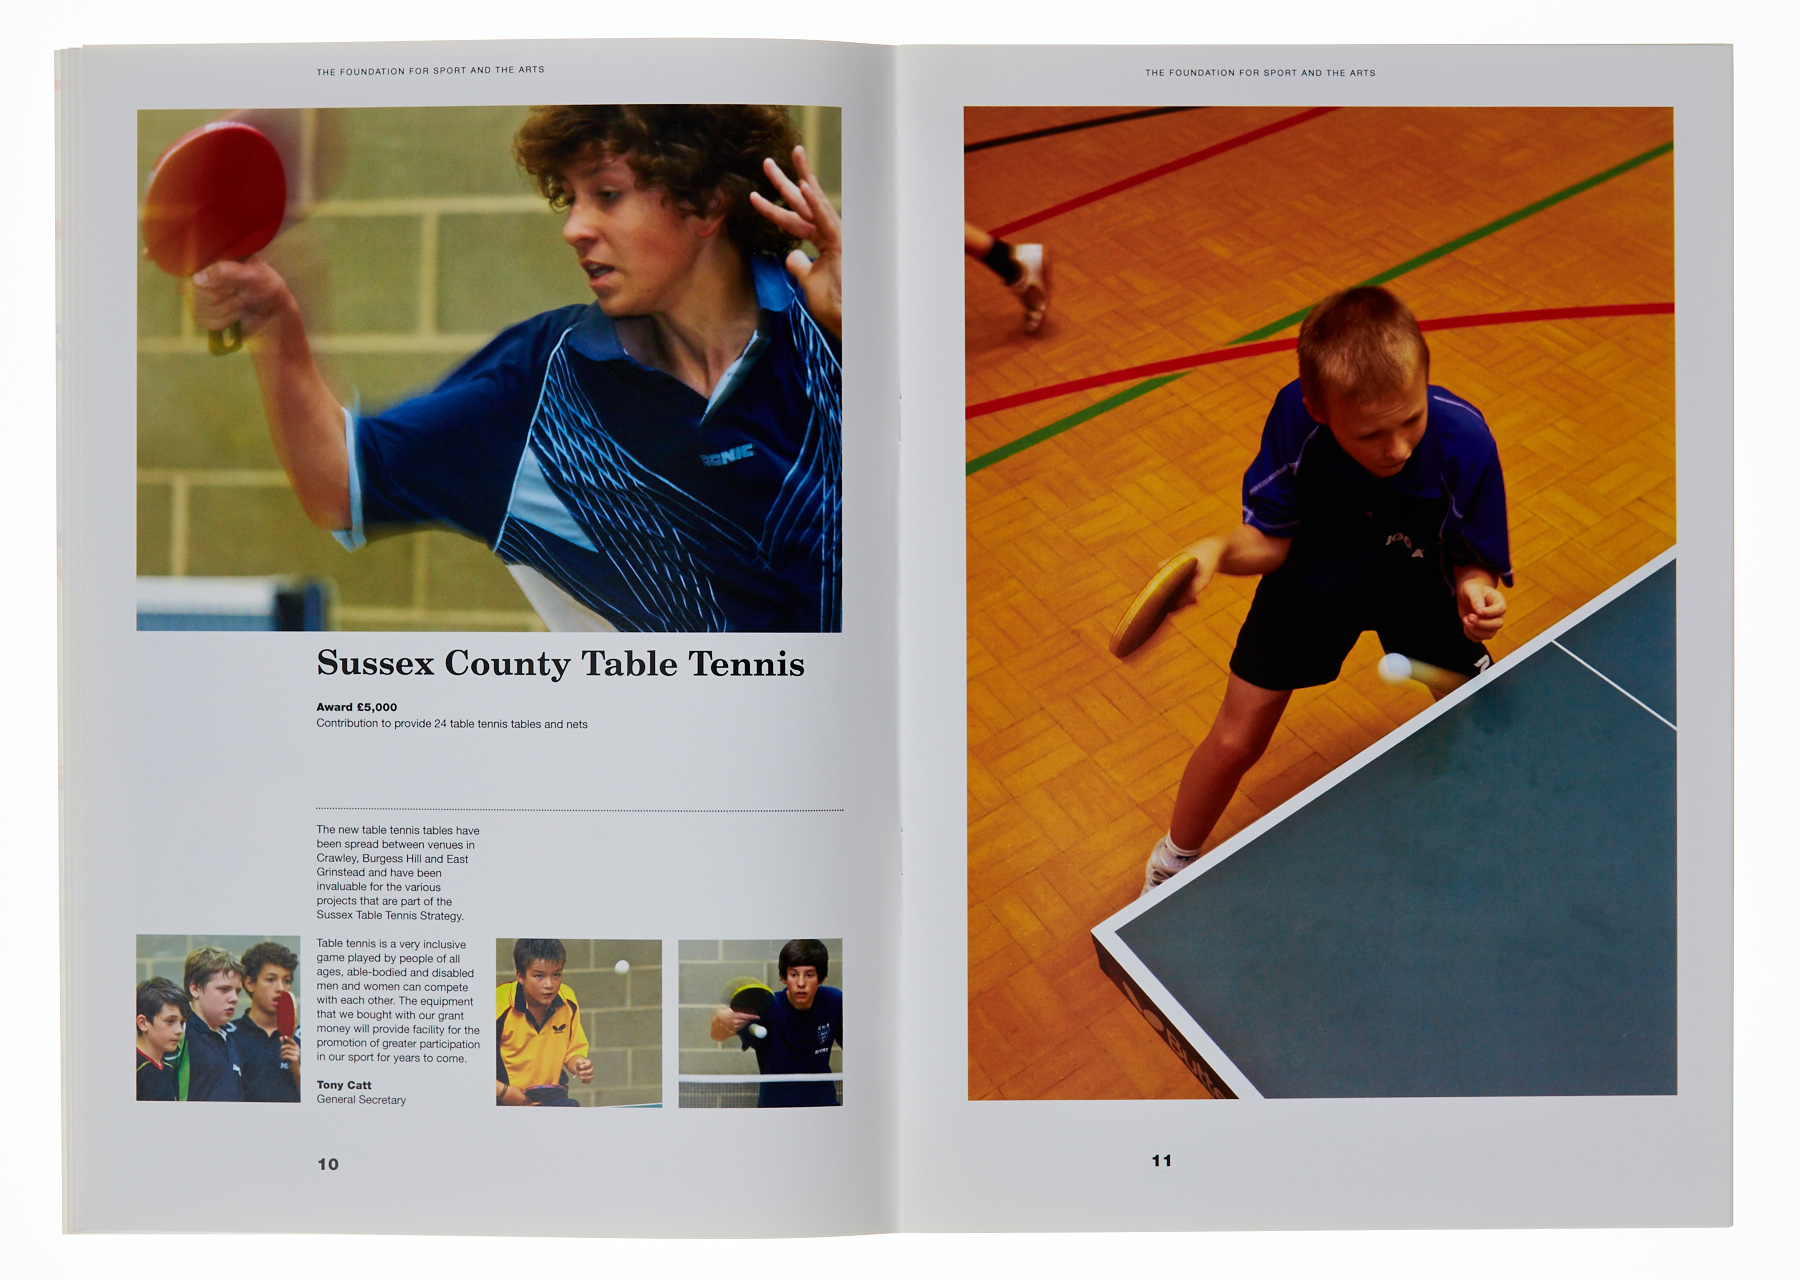 foundation-sport-arts-2010-05.jpg